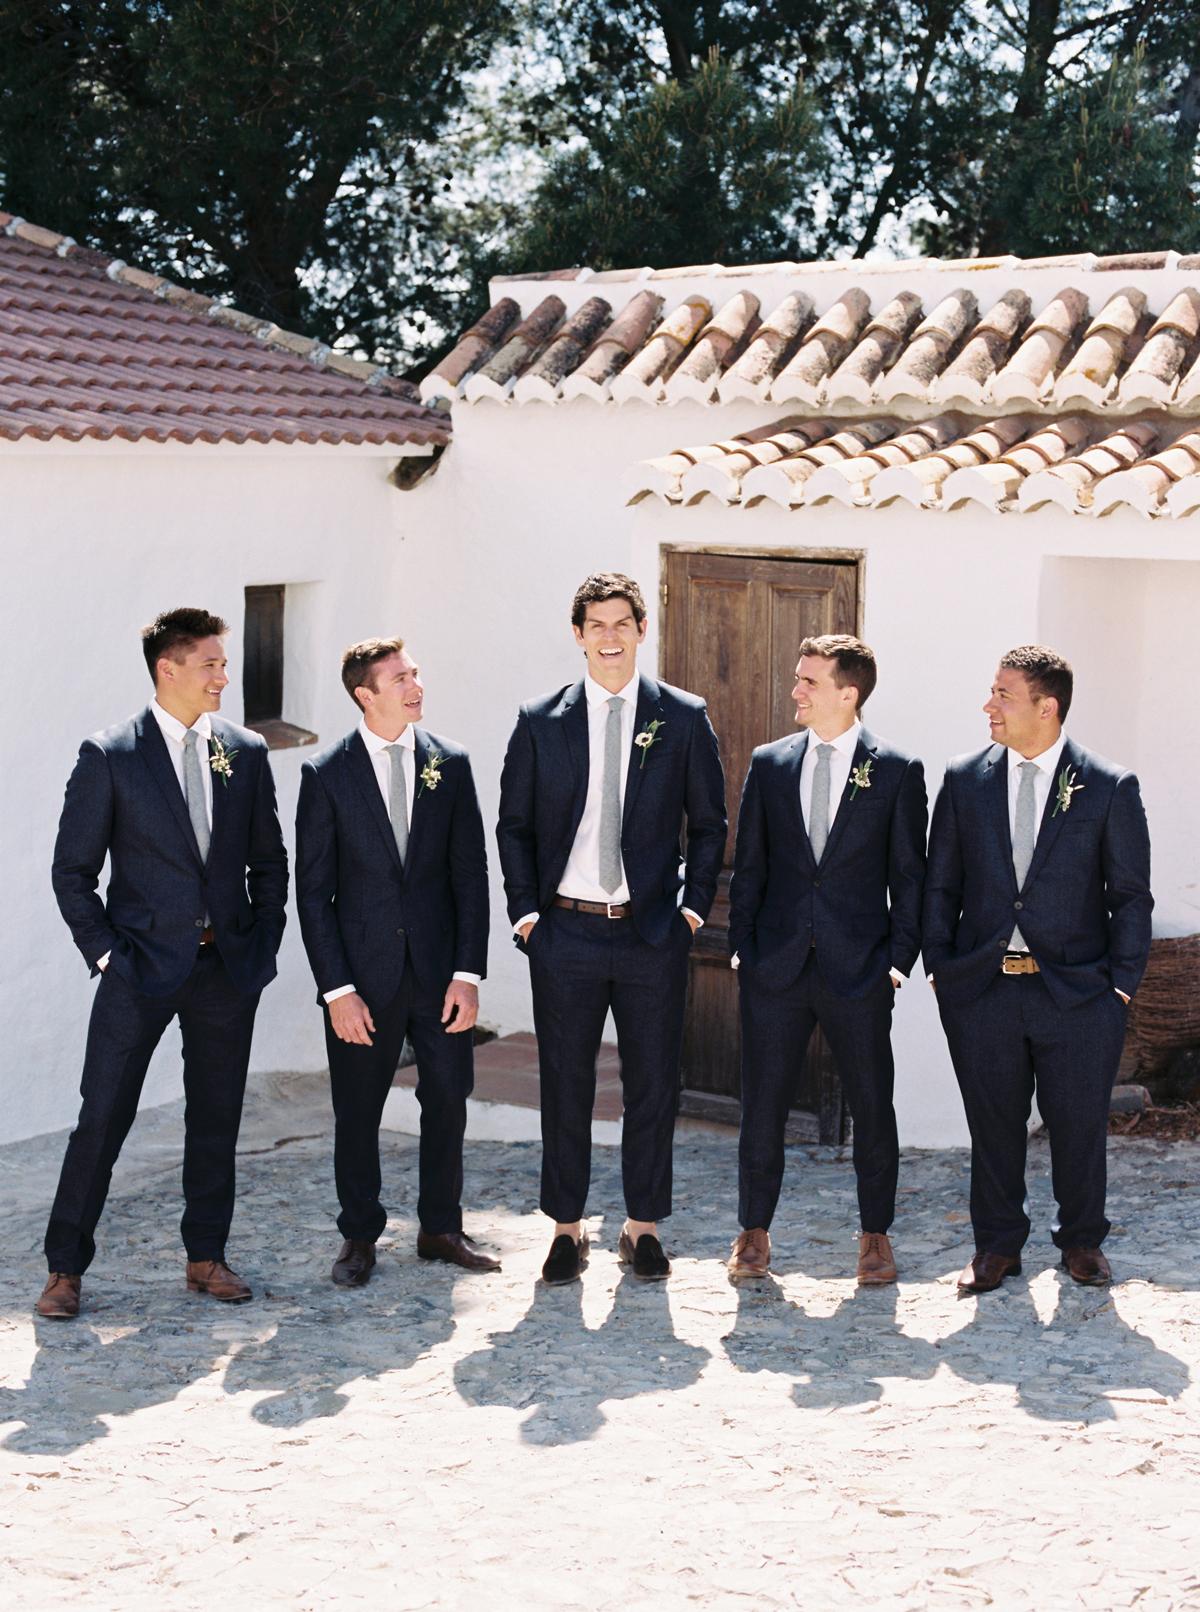 daphne jack wedding spain groomsmen